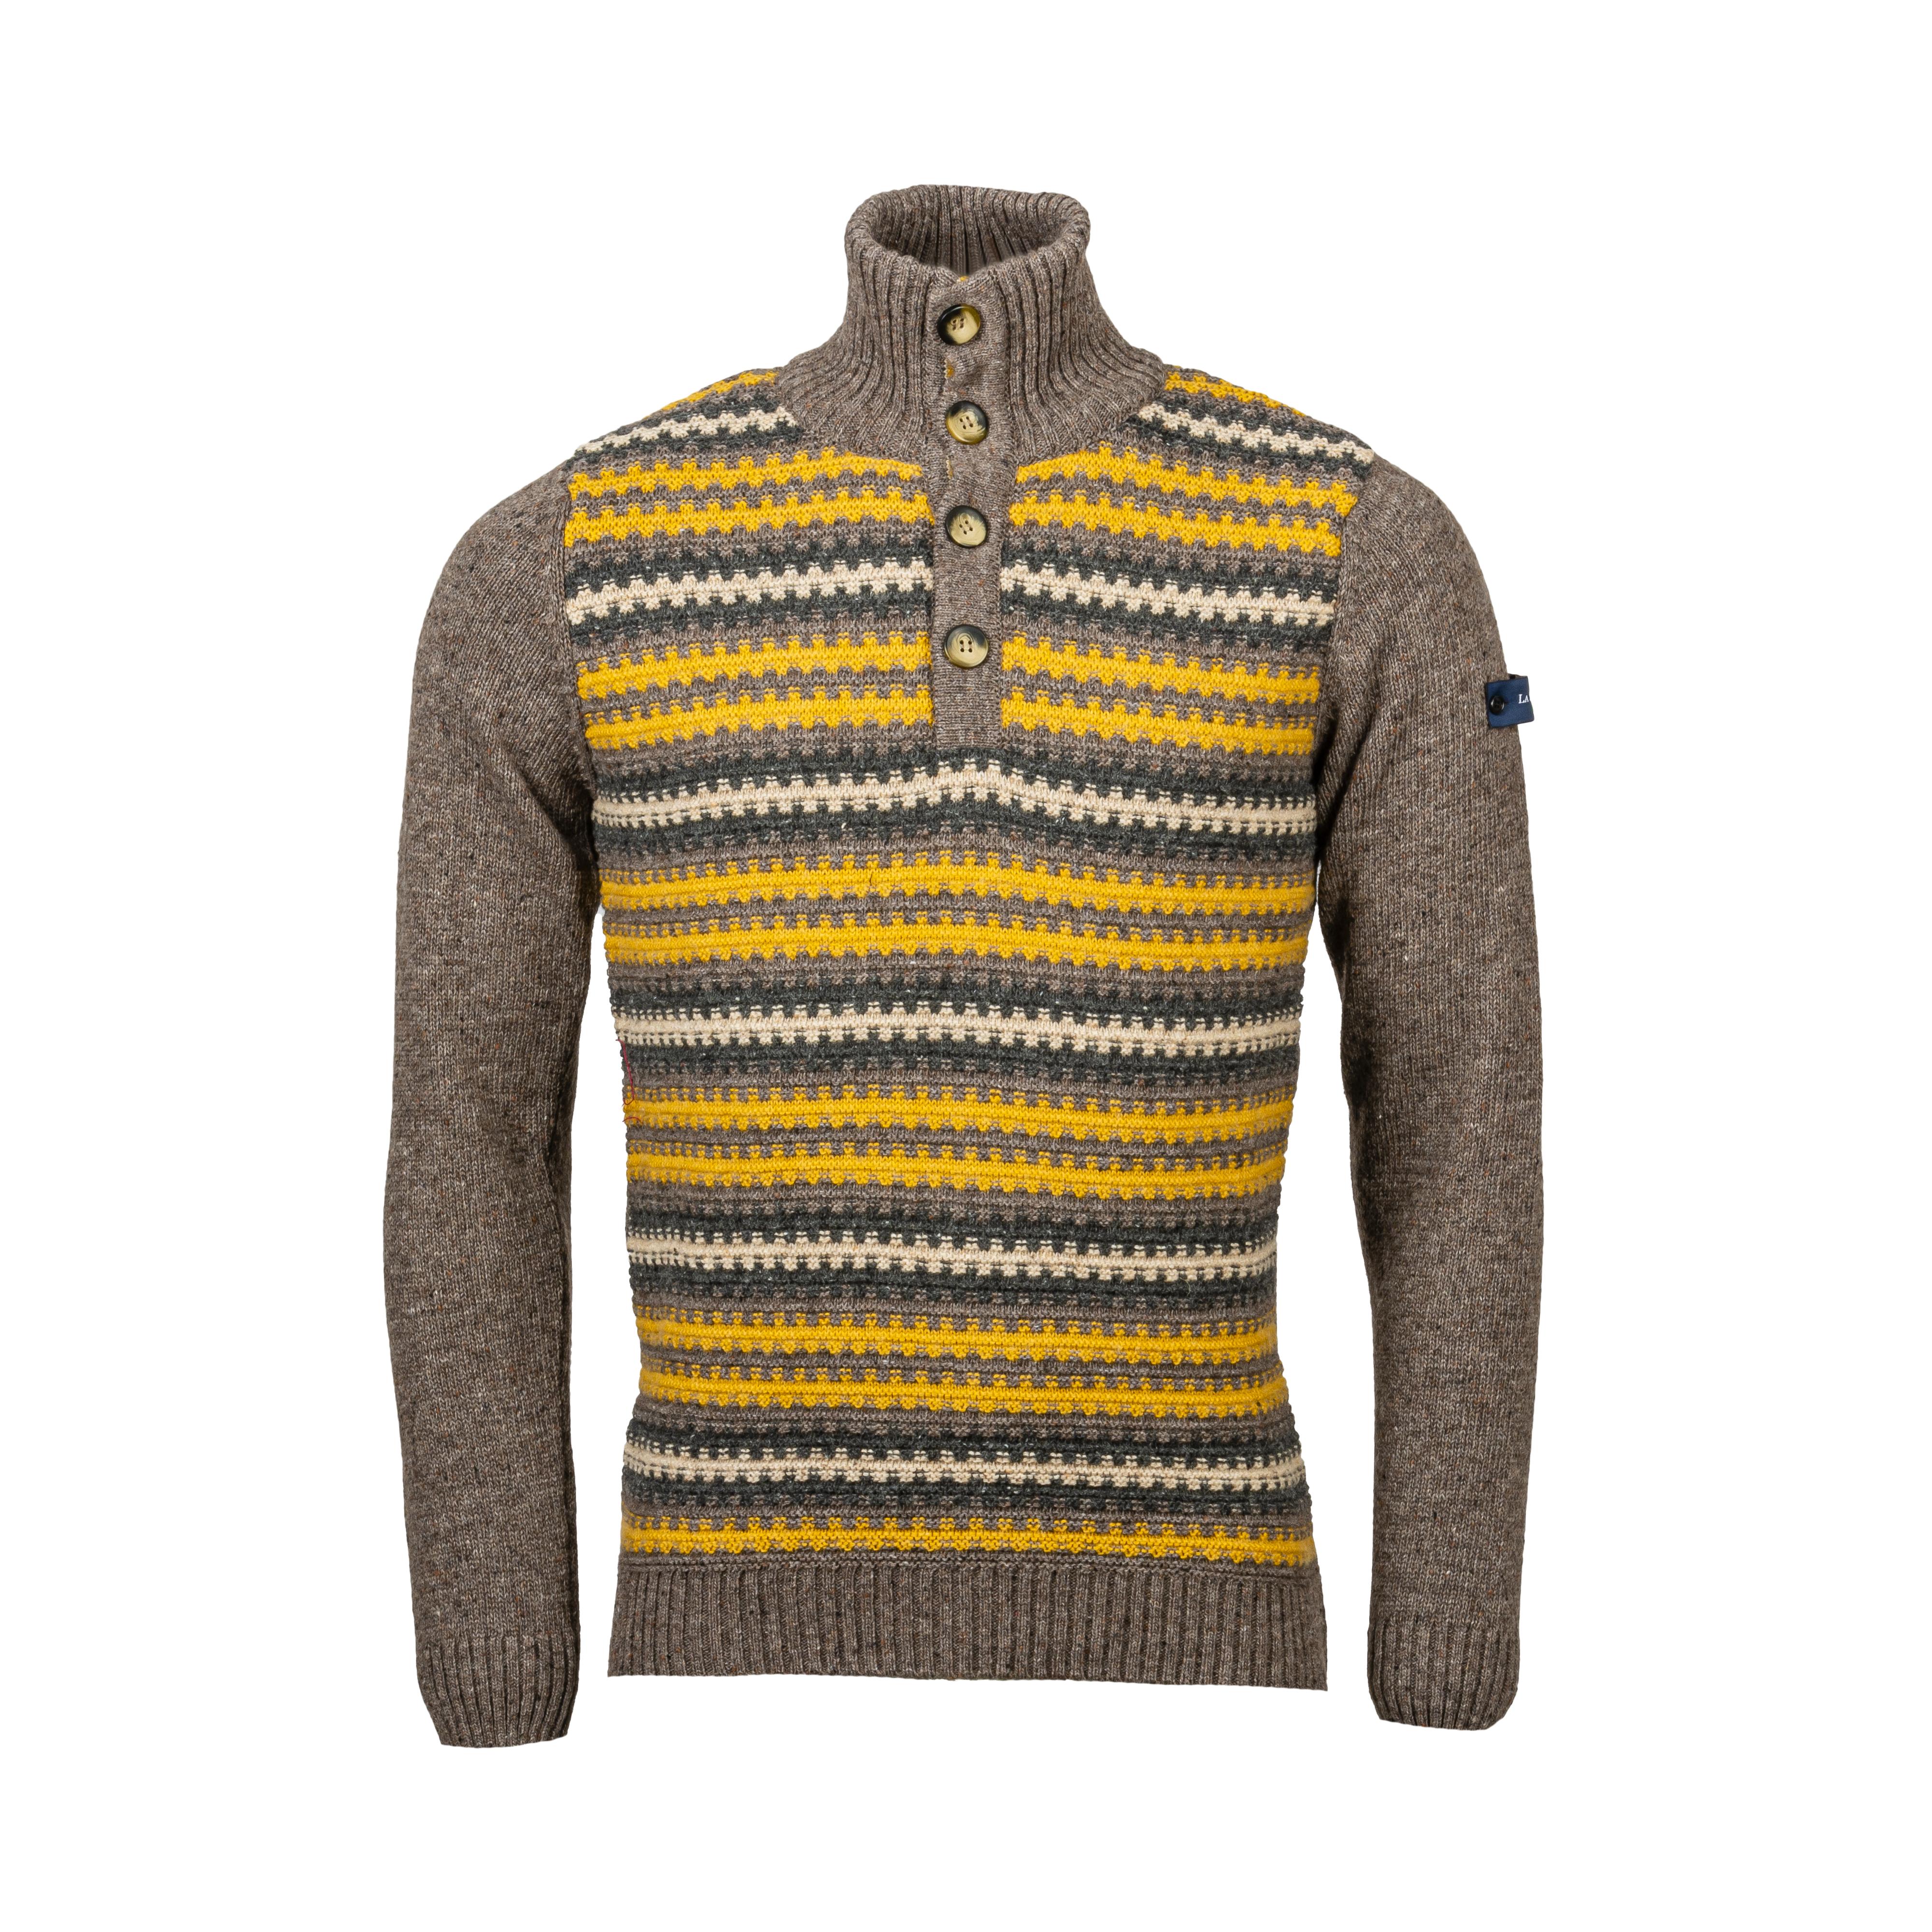 Pull col montant boutonné La Squadra Santandi en laine mélangée marron à rayures jaunes, blanches et gris anthracite